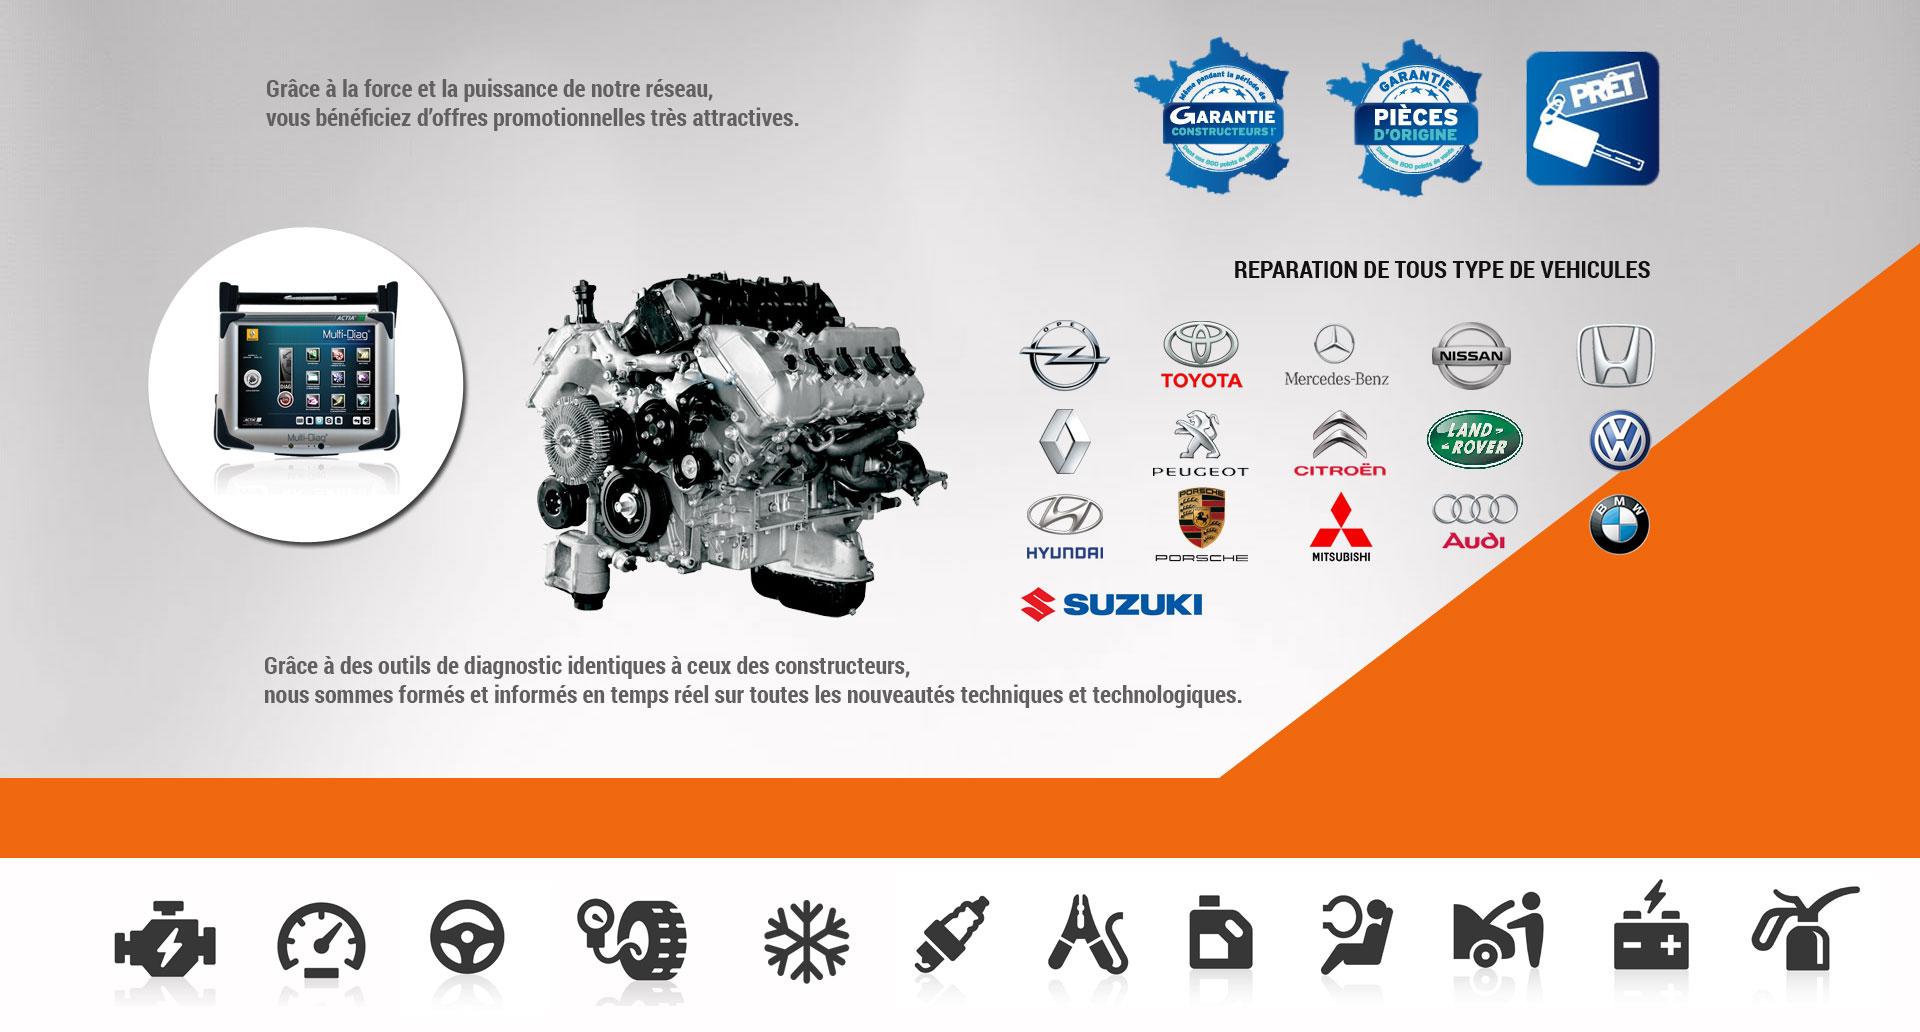 Réparation automobiles de toutes marques Garage Pergod